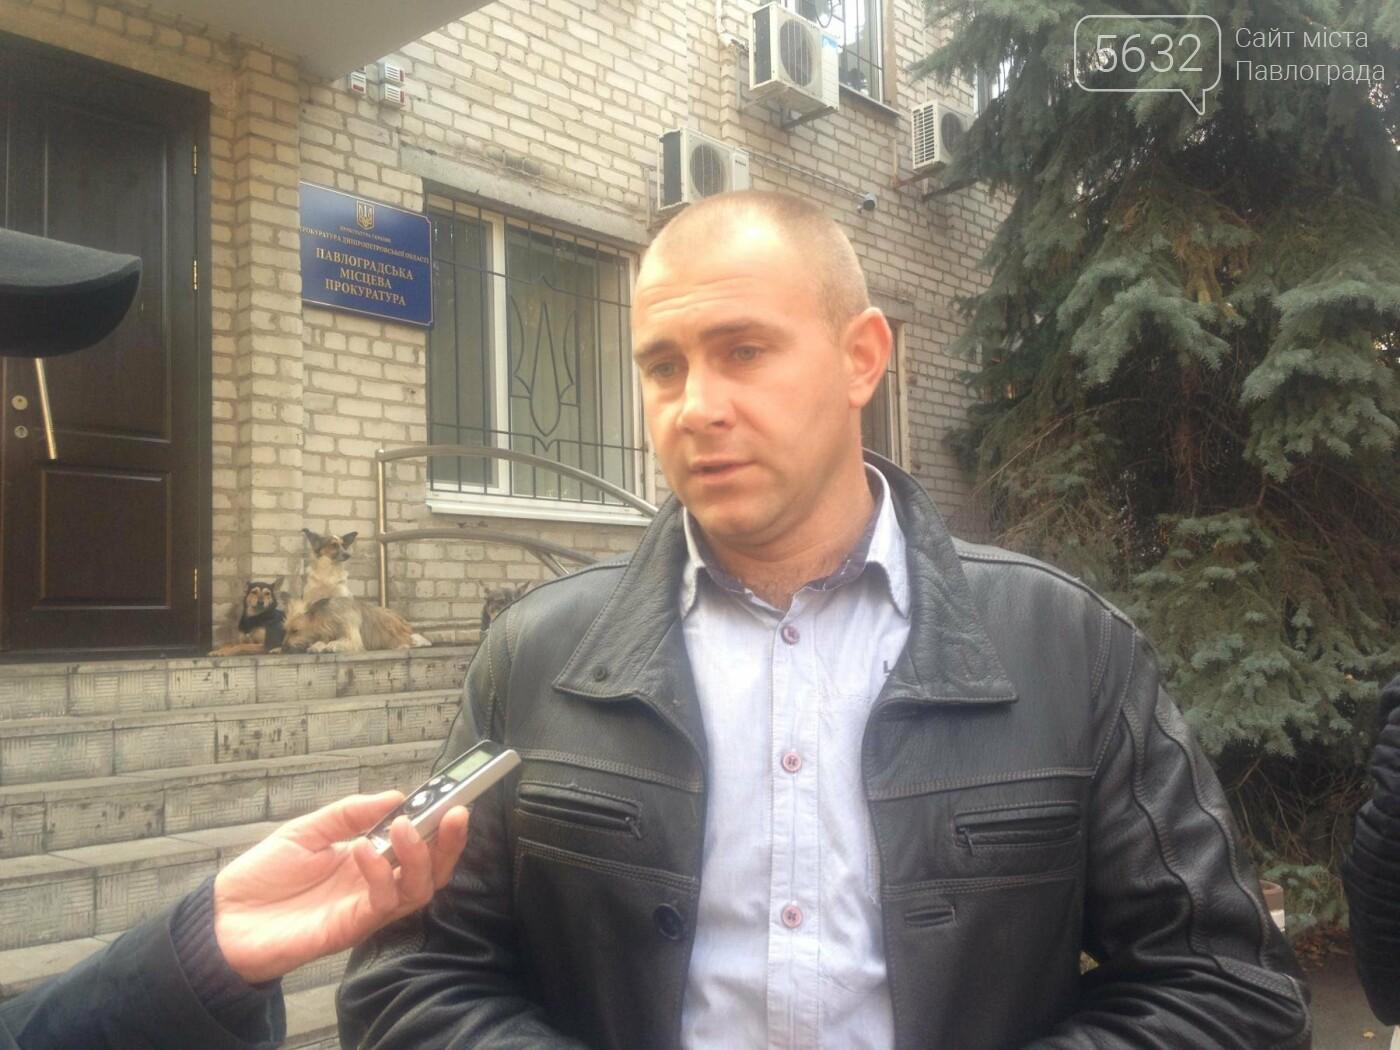 Павлоградские активисты выступили против увольнения шахтера, фото-3